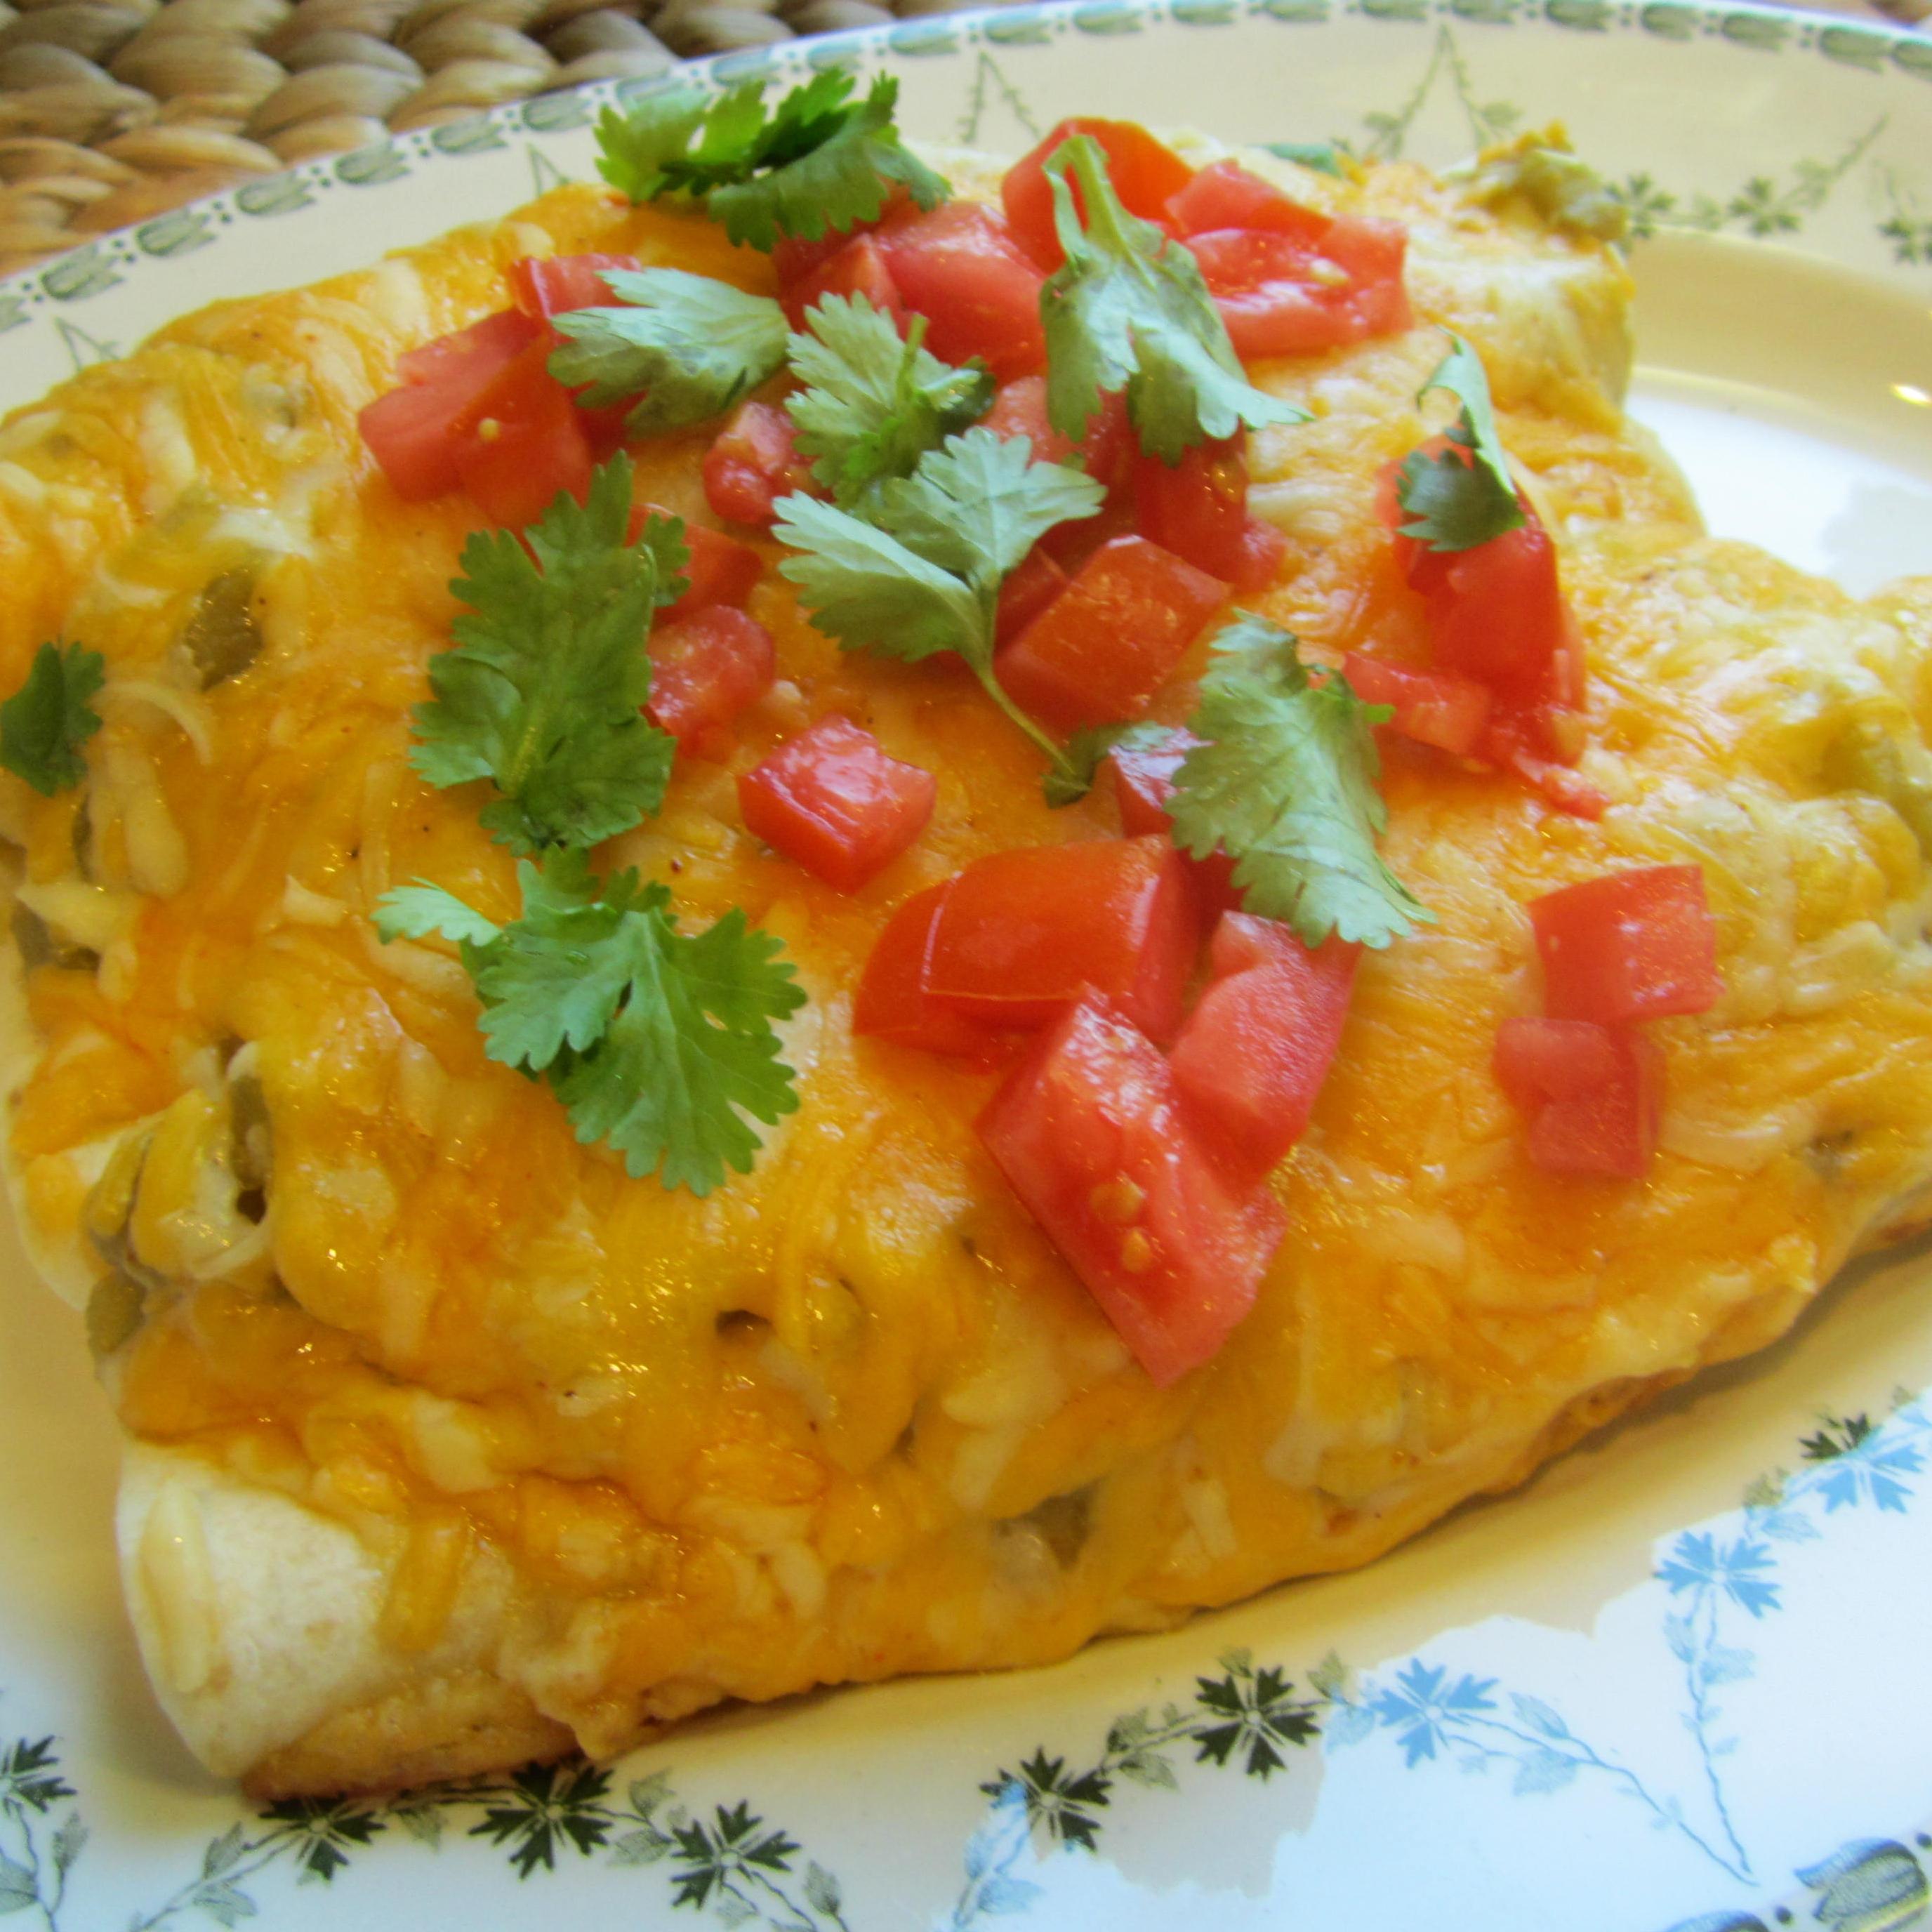 Receita encantada de frango com creme de leite Enchiladas